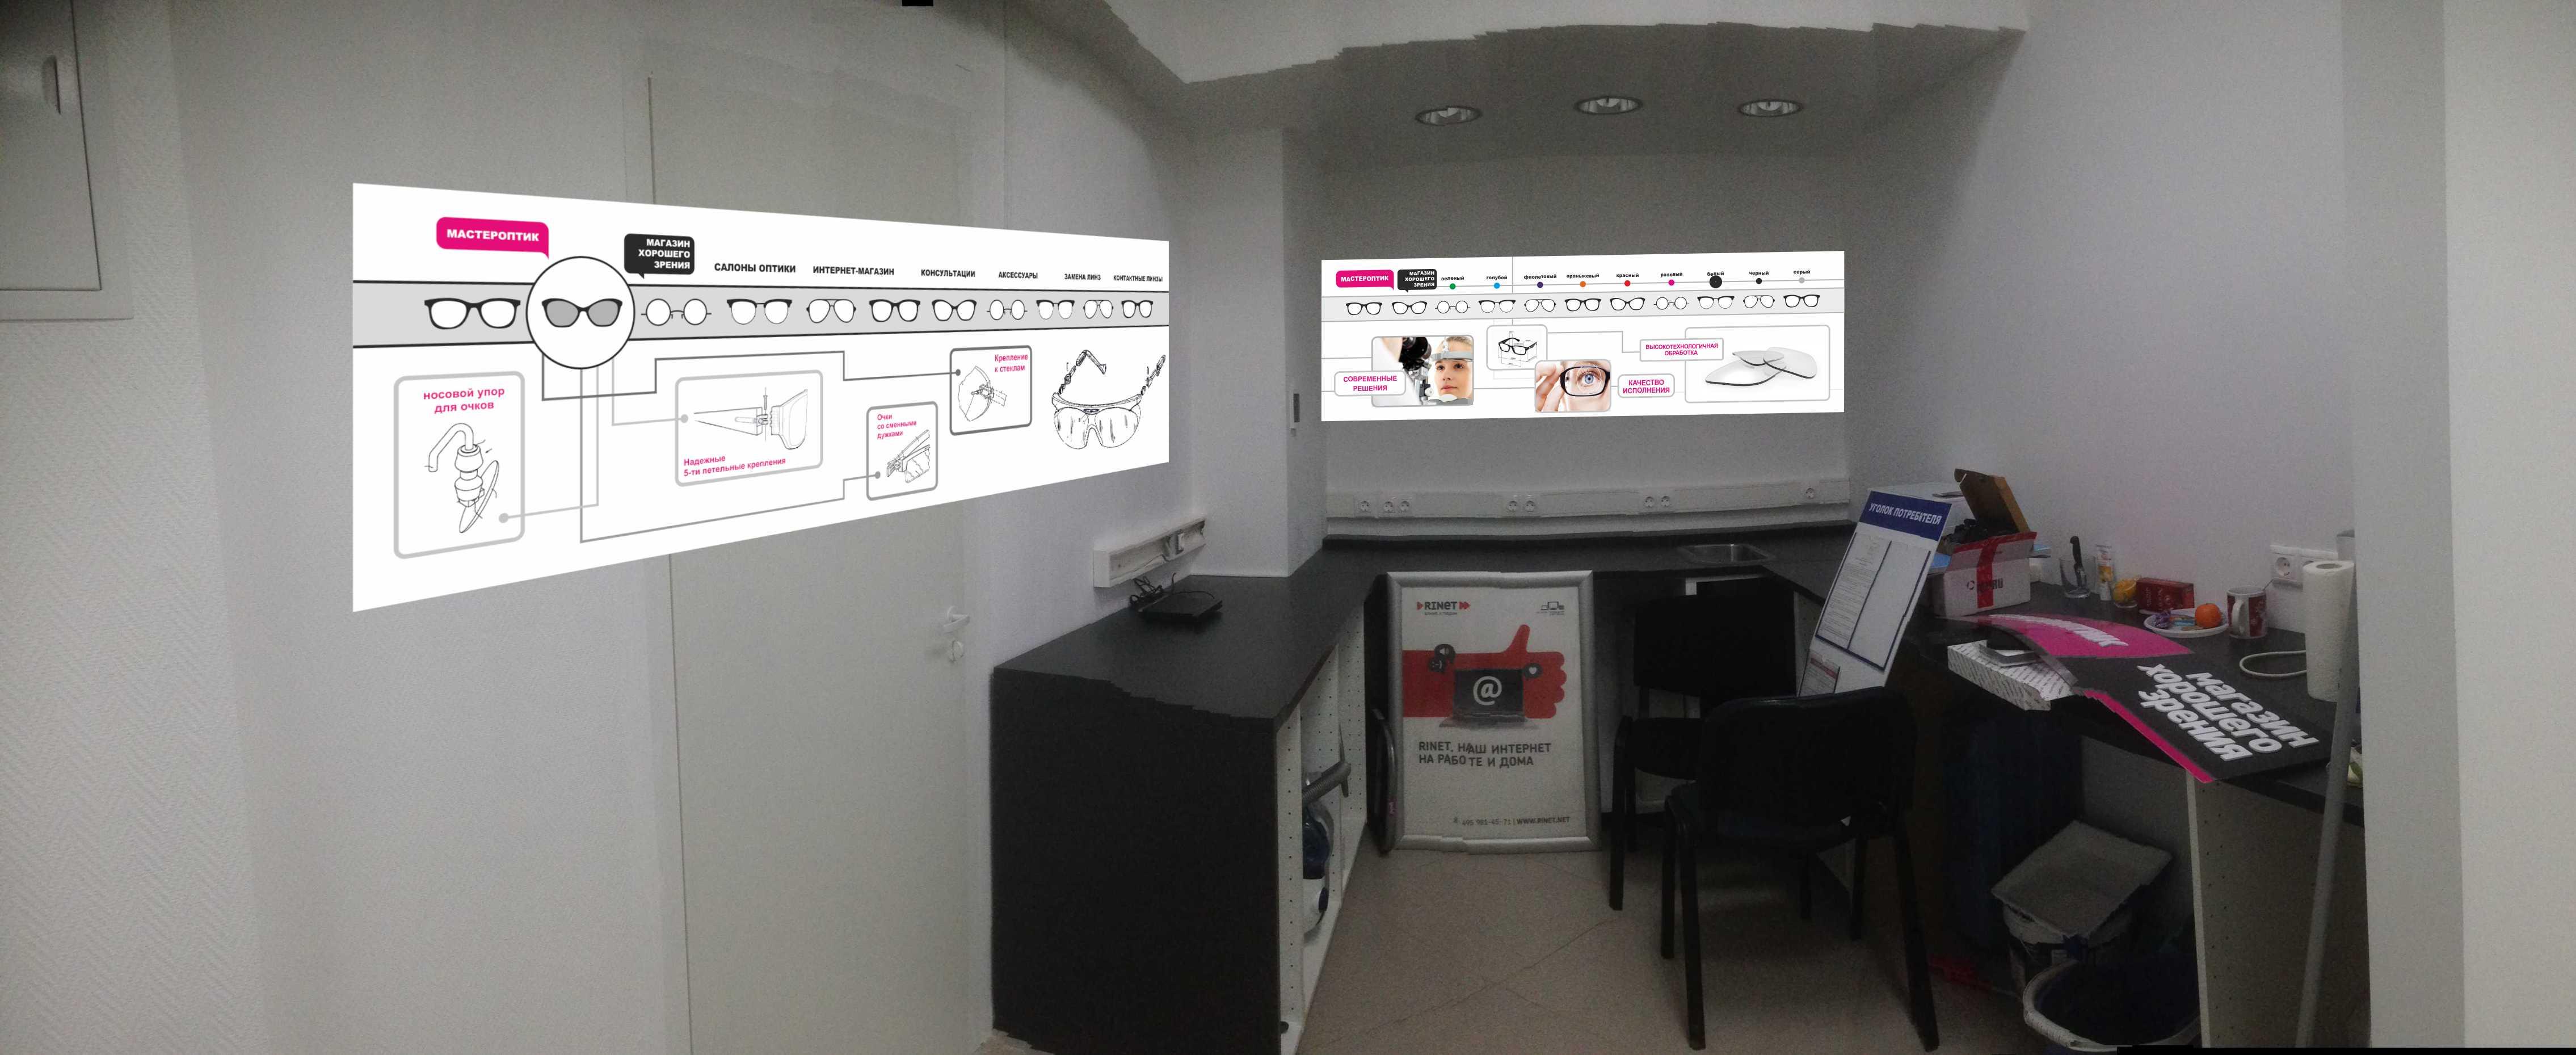 Создание нескольких графических панно для оптической компани фото f_4405902680c23ef1.jpg